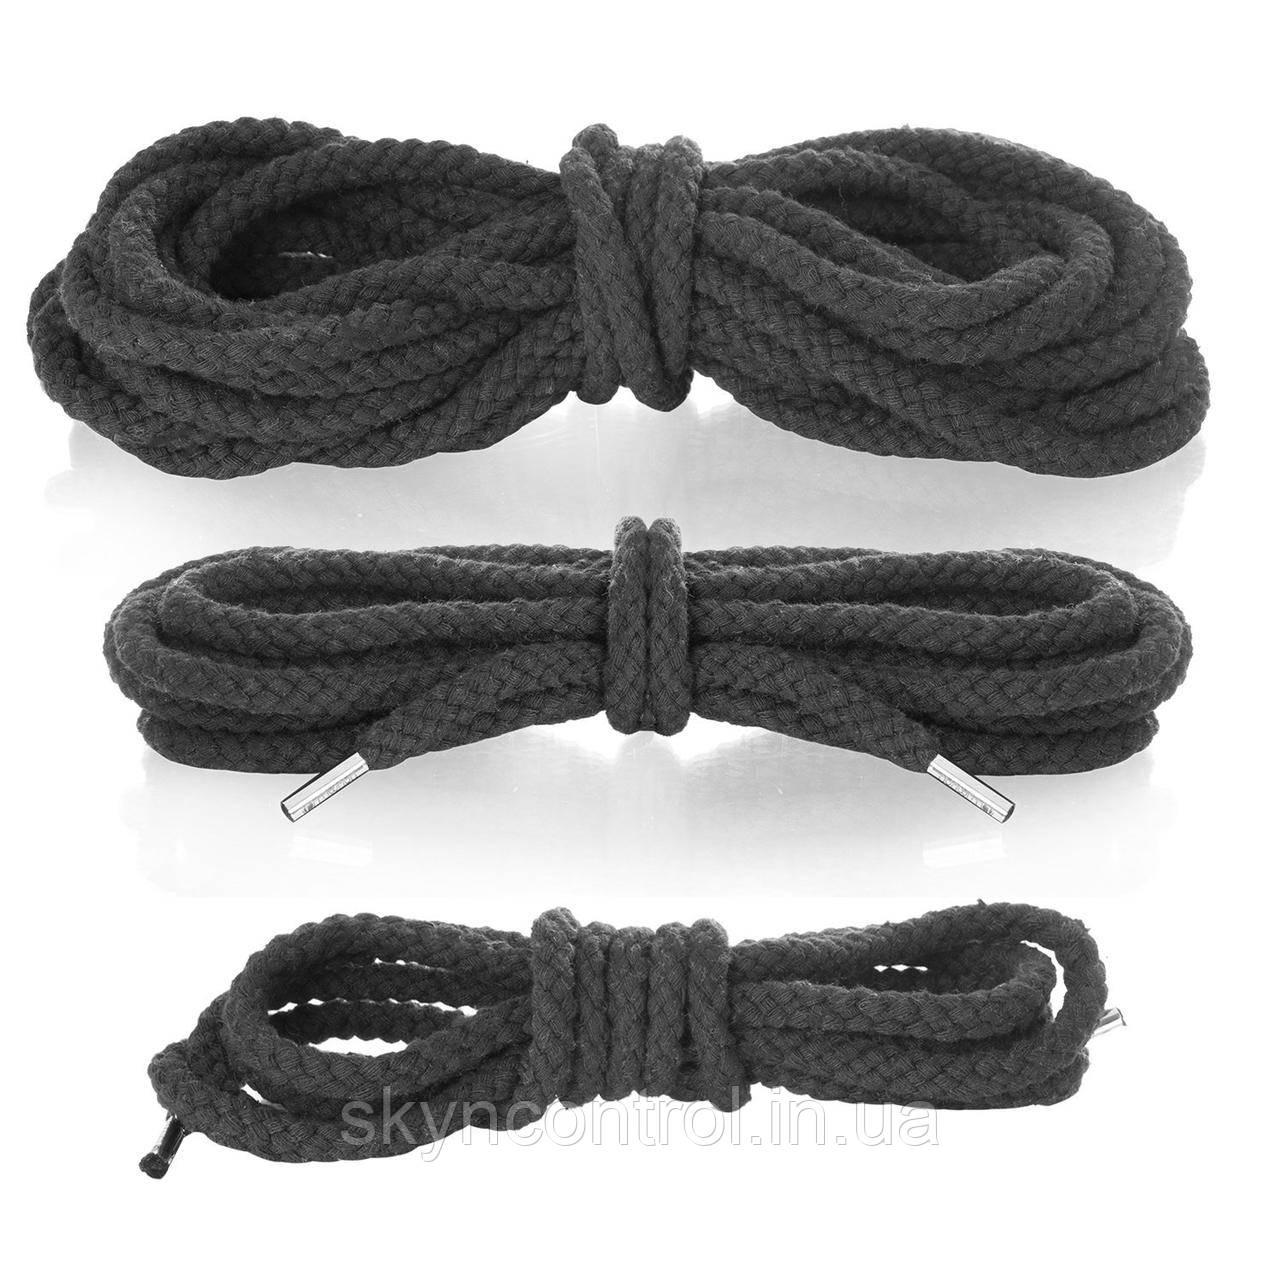 Lumunu Верёвки для связывания BDSM